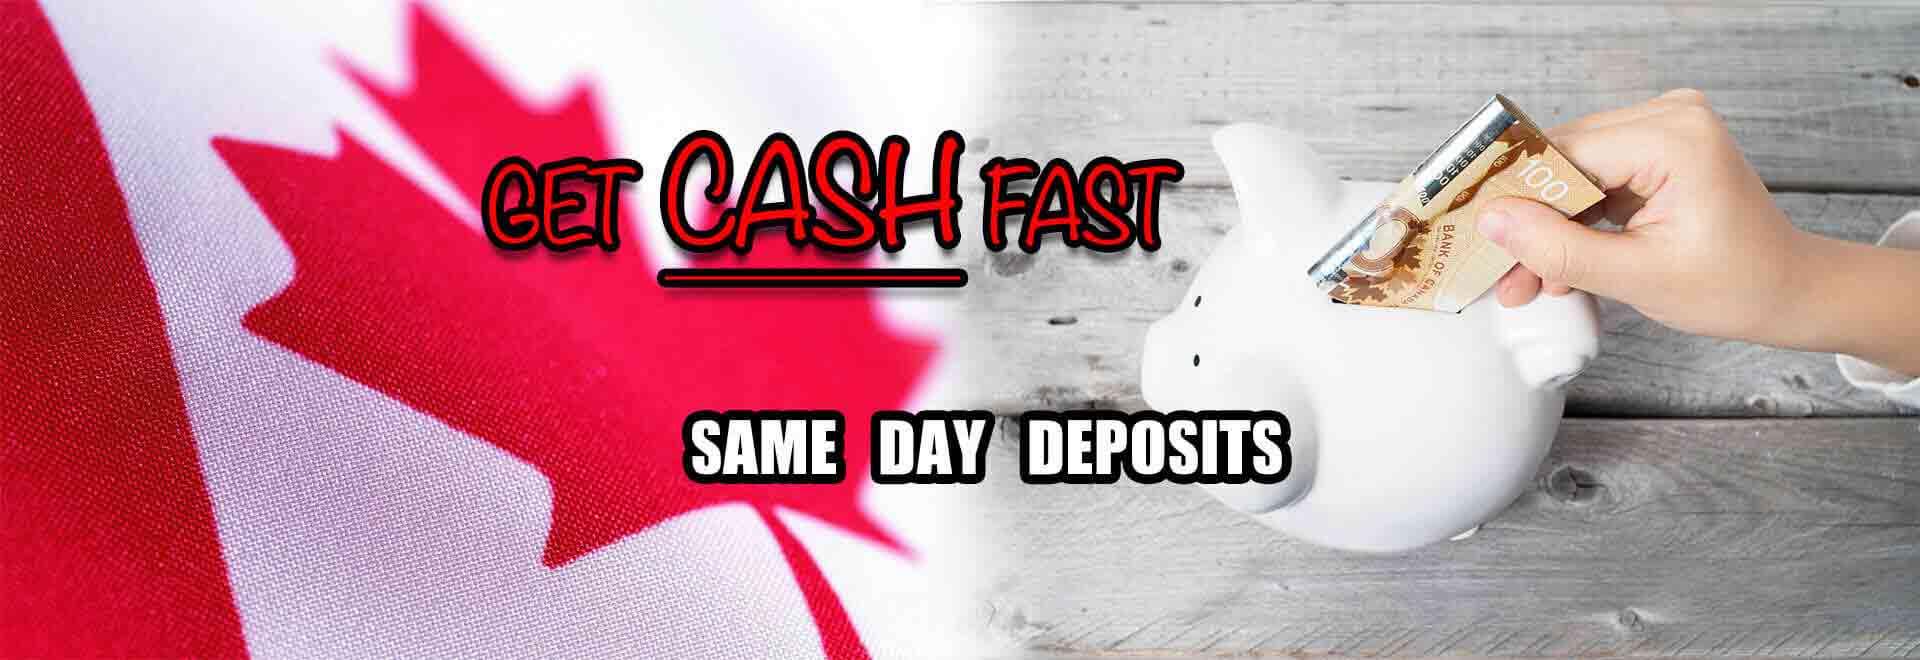 Payday loans highland ave image 9